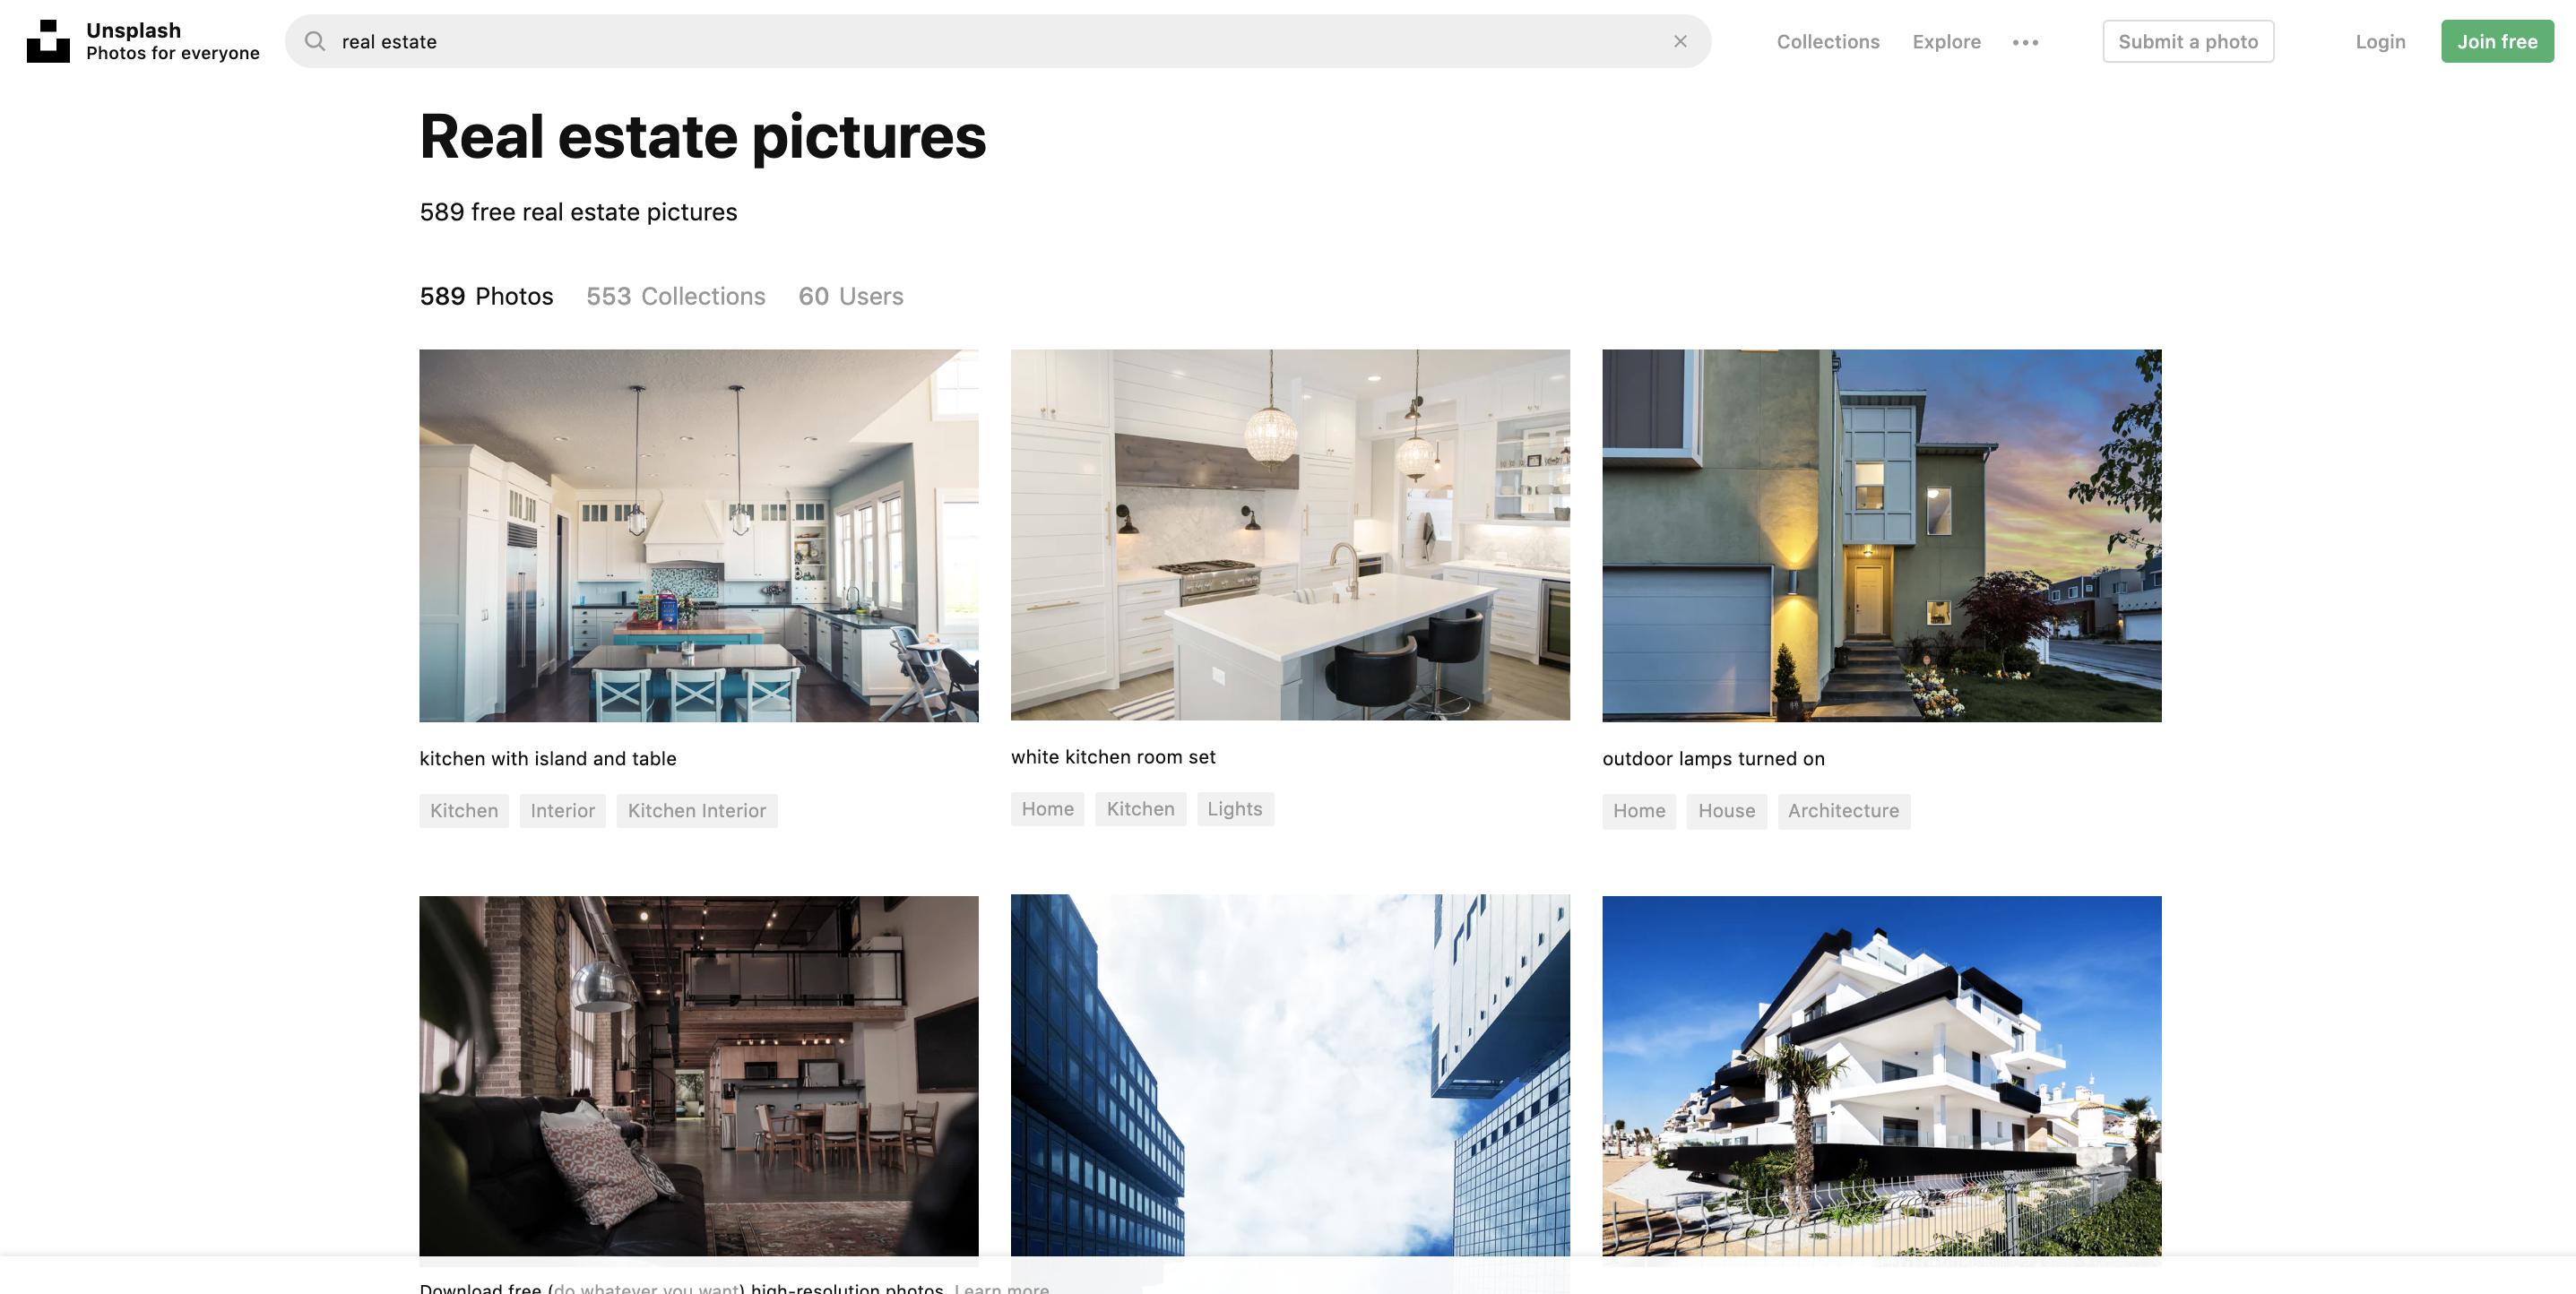 Unsplash - screenshot of free real estate photos